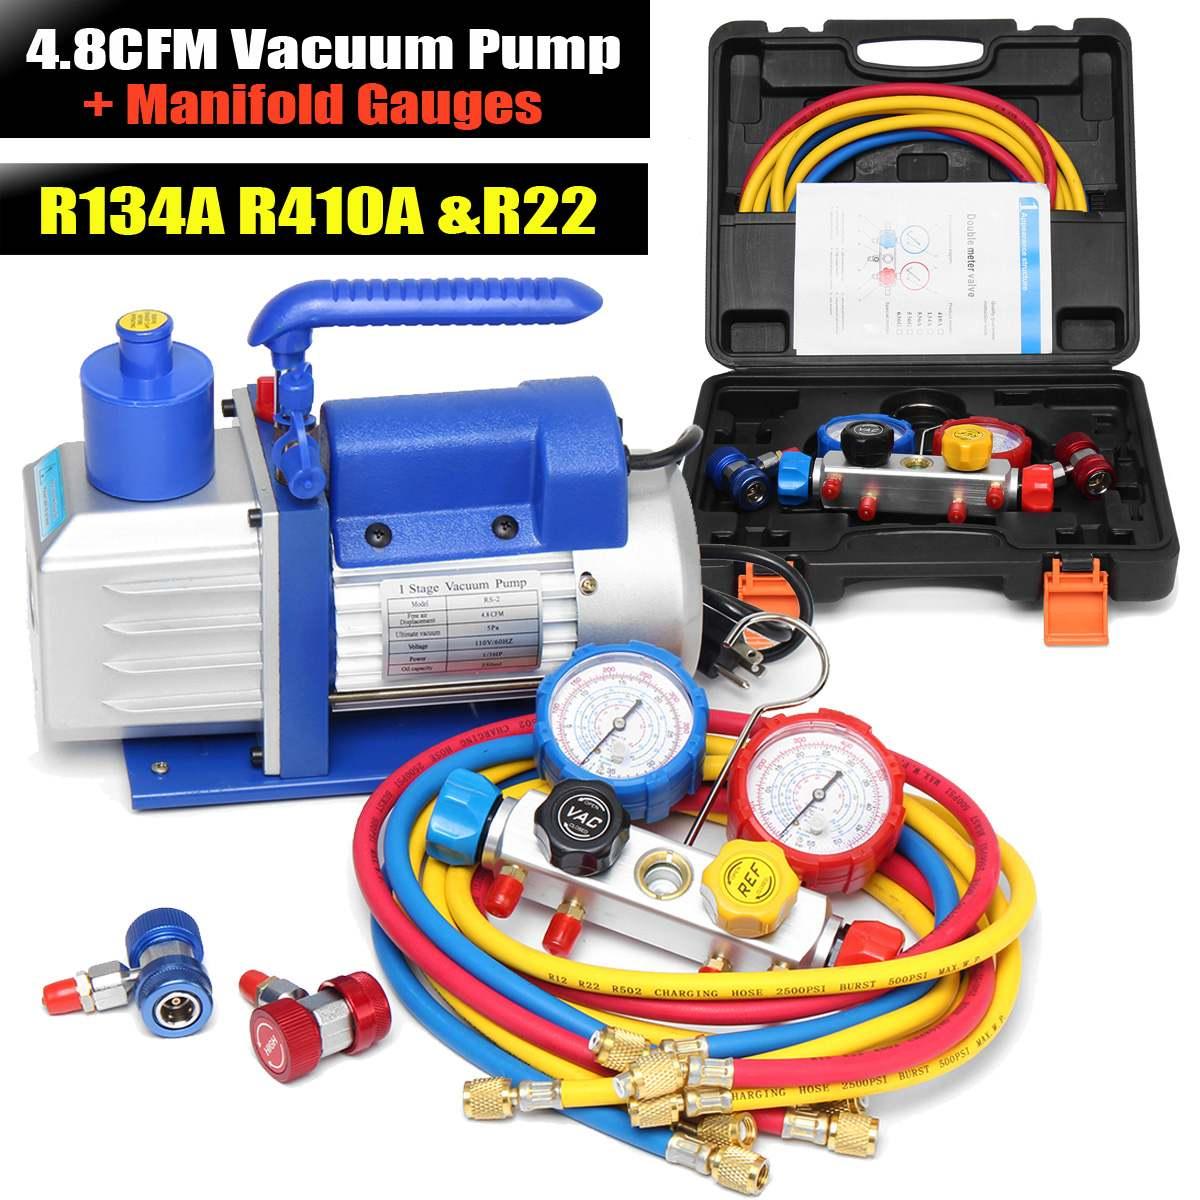 4.8CFM pompe à vide R134A R22 R410A HVA/C réfrigérant W/4 valeur collecteur jauge pompes analyse pompe à vide pour la climatisation